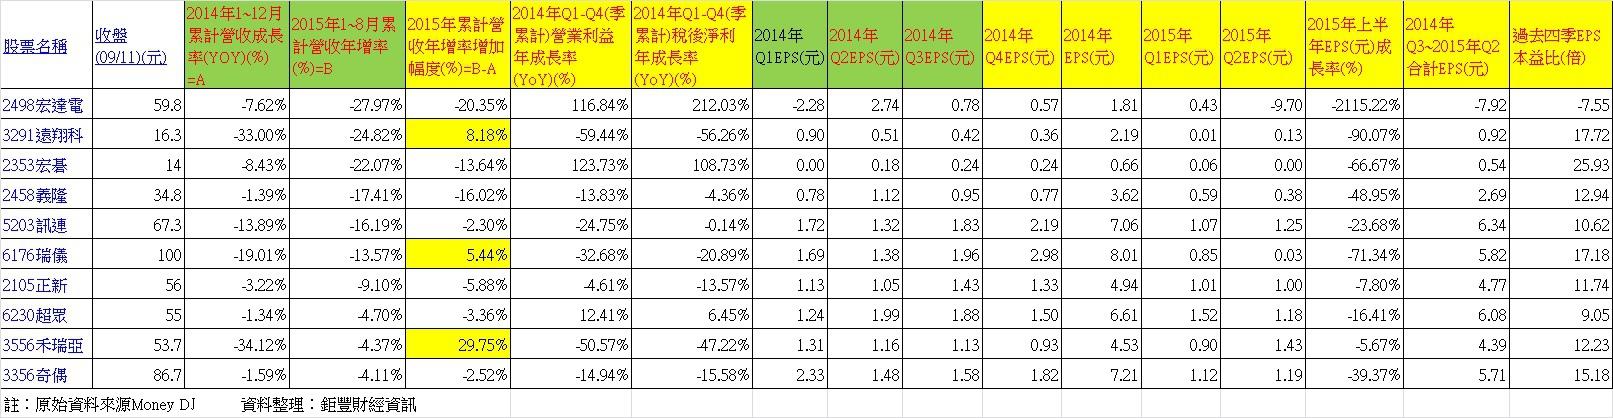 2015觀察股名單 ~ 2014年、2015年1~8月累計營收連續衰退的公司